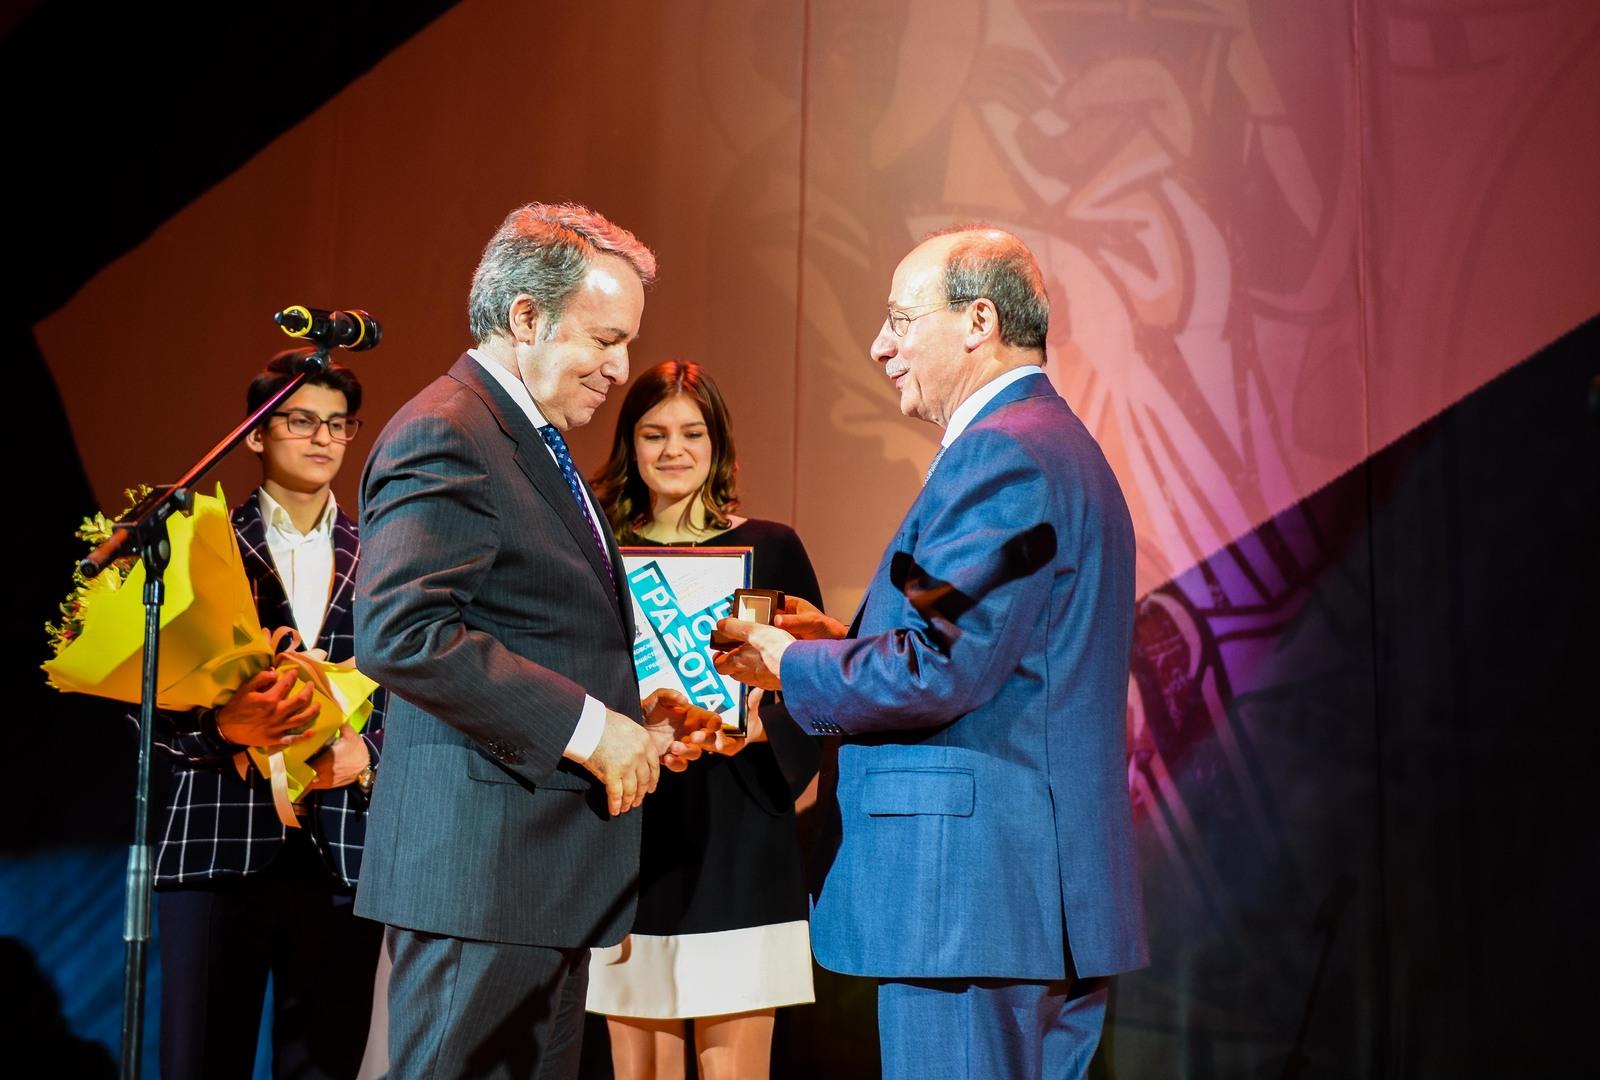 Чрезвычайный и Полномочный посол Греции в России, Андреас Фриганас поздравил всех собравшихся